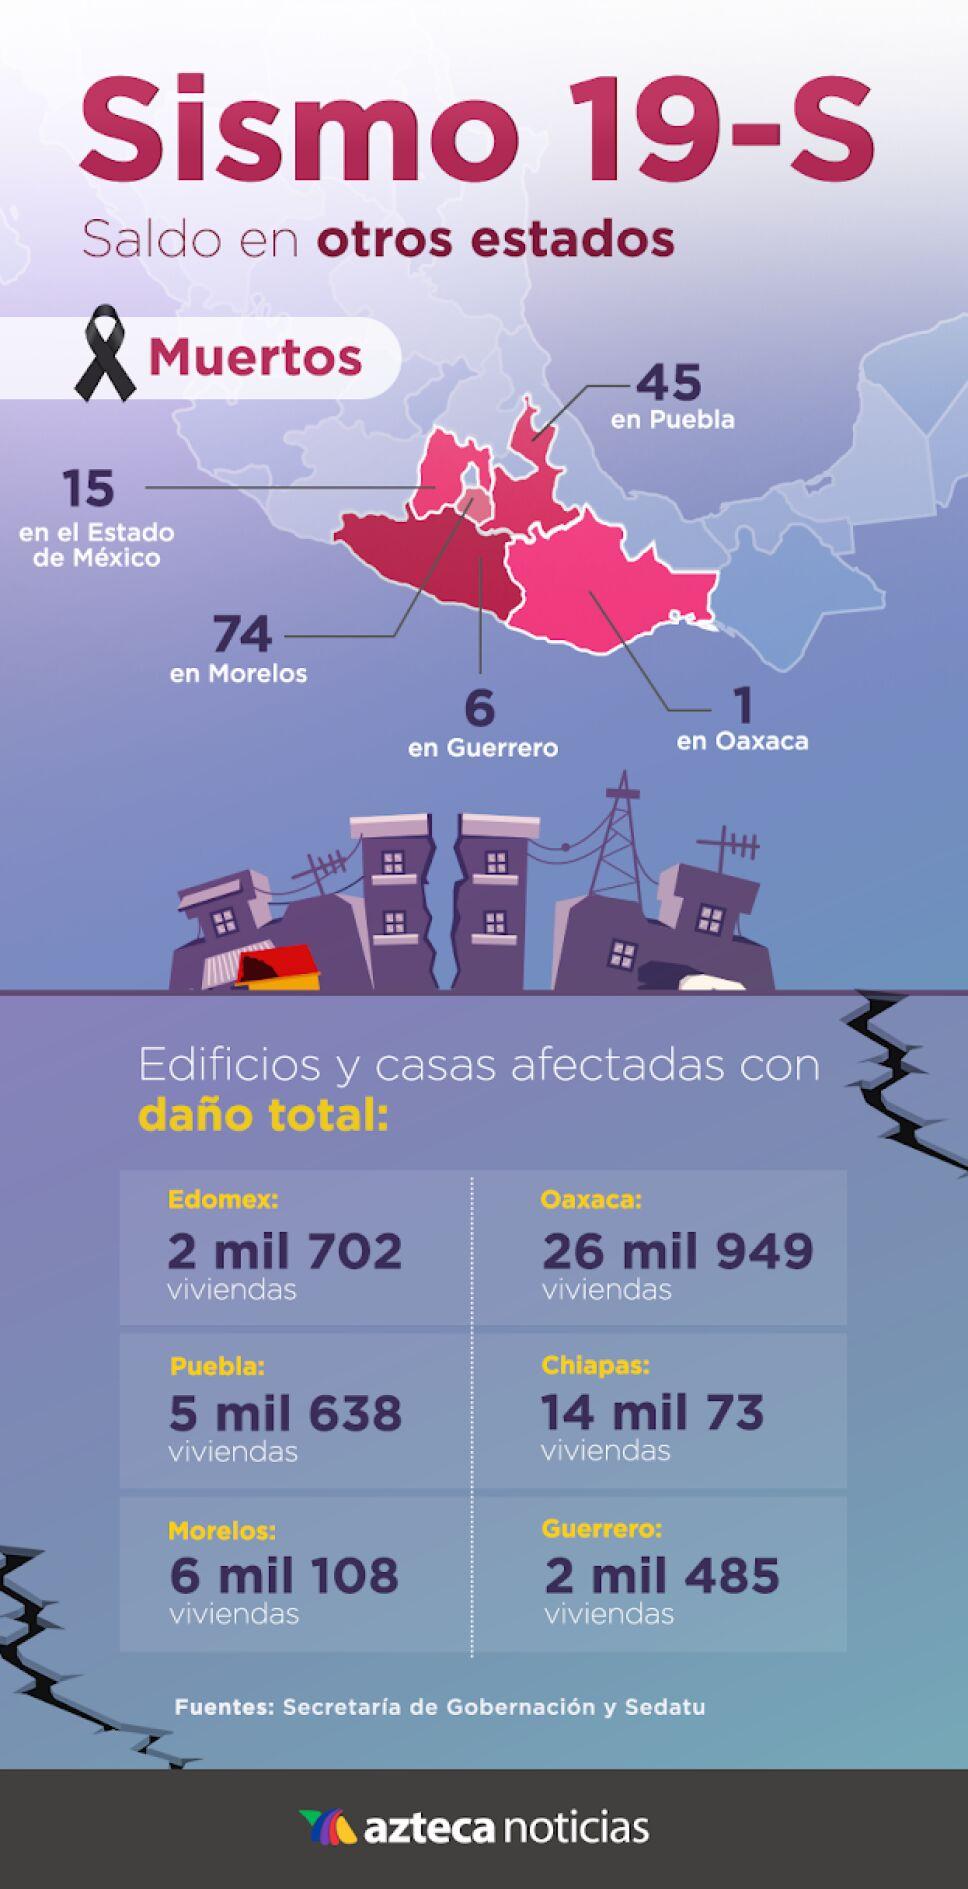 Los 5 estados más dañados por el sismo del 19 de septiembre